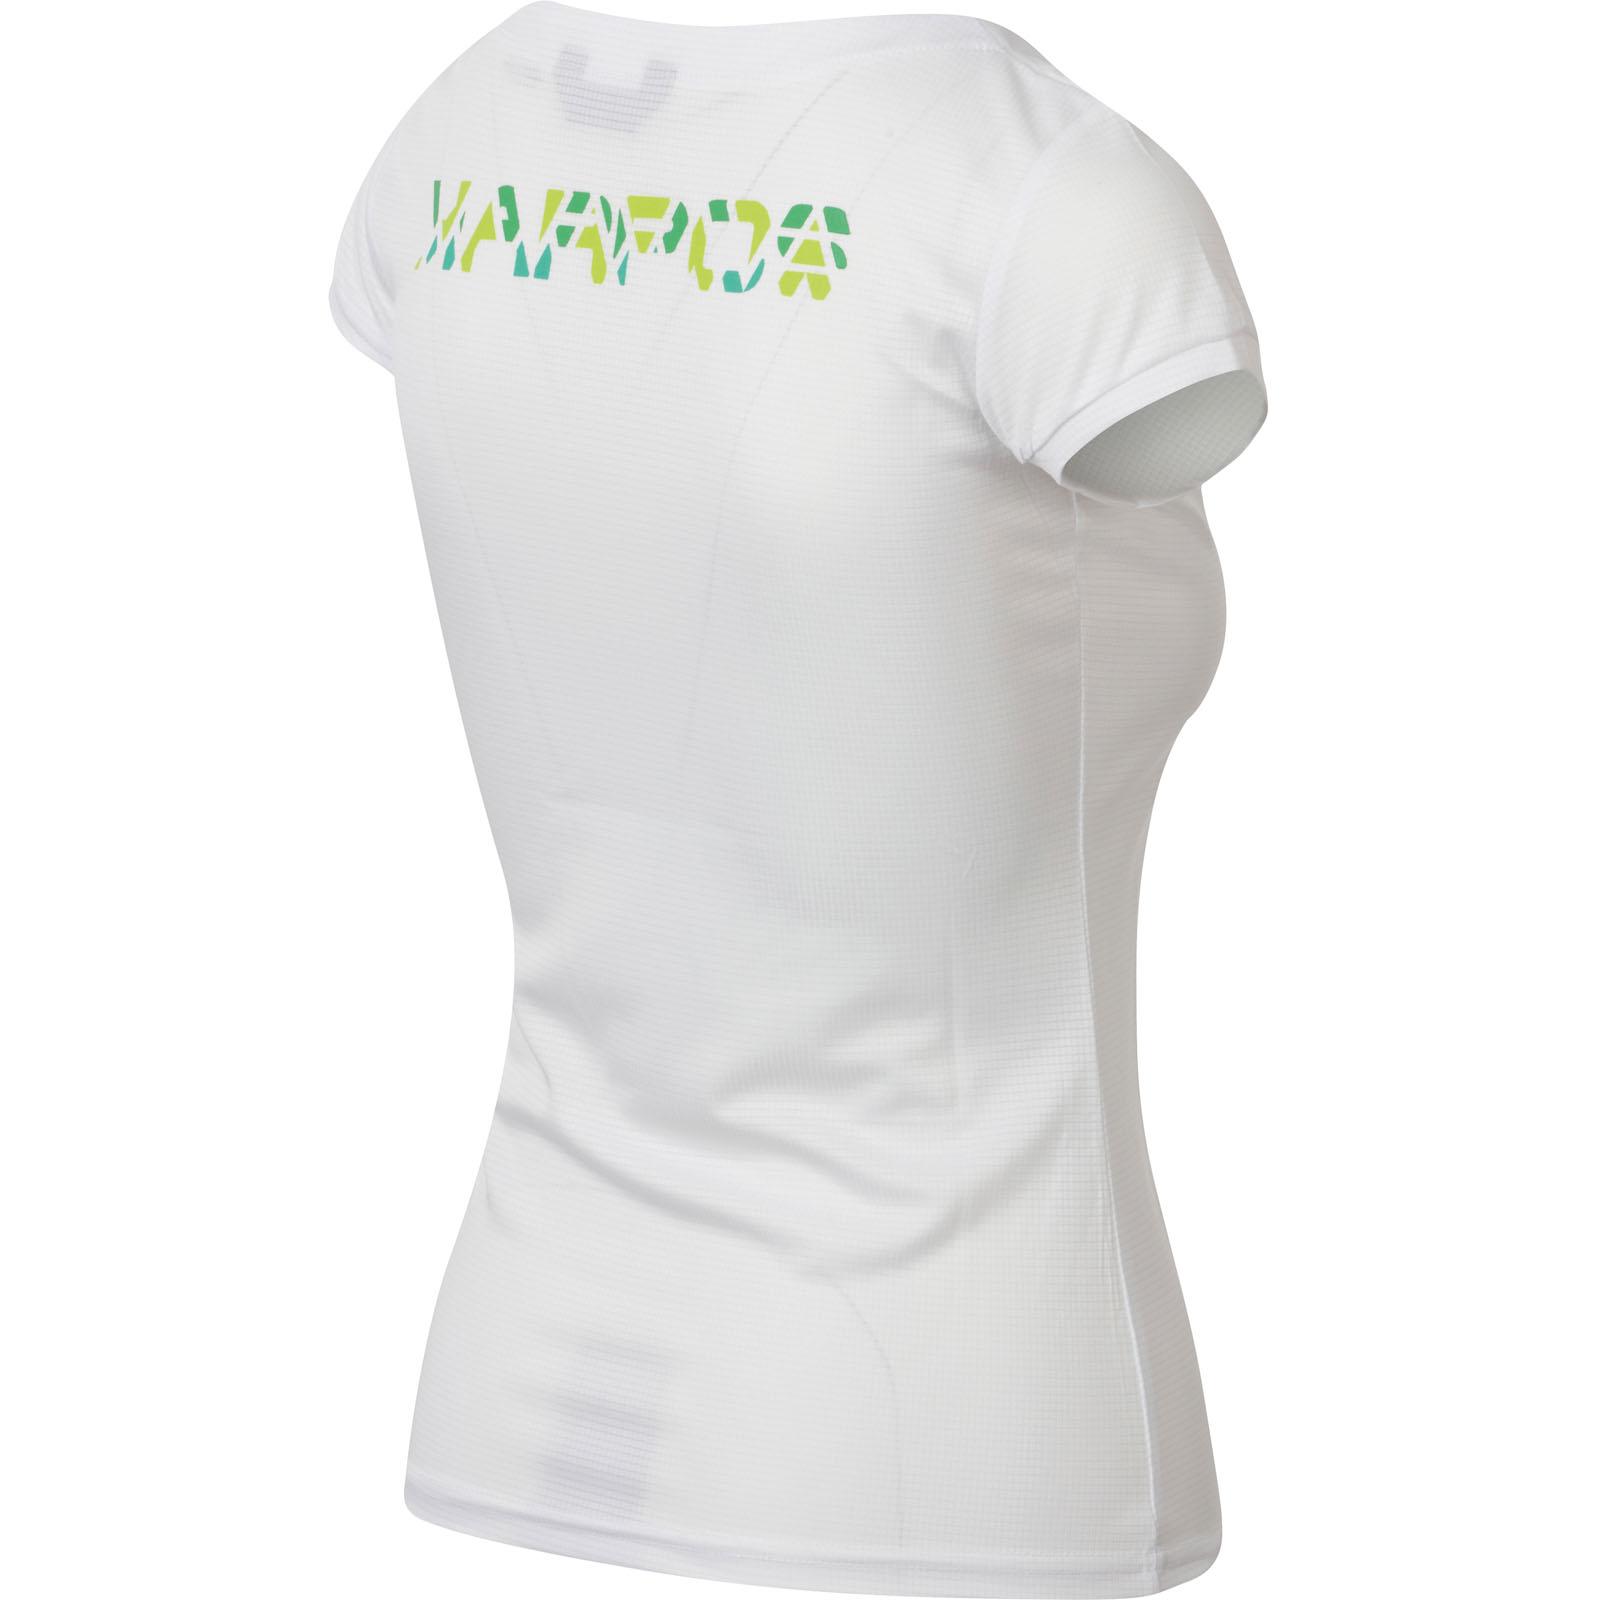 4b061bfb749a Karpos LOMA Dámske tričko biele. Pre absolútny zážitok prosím použite  prehliadač s javascriptom